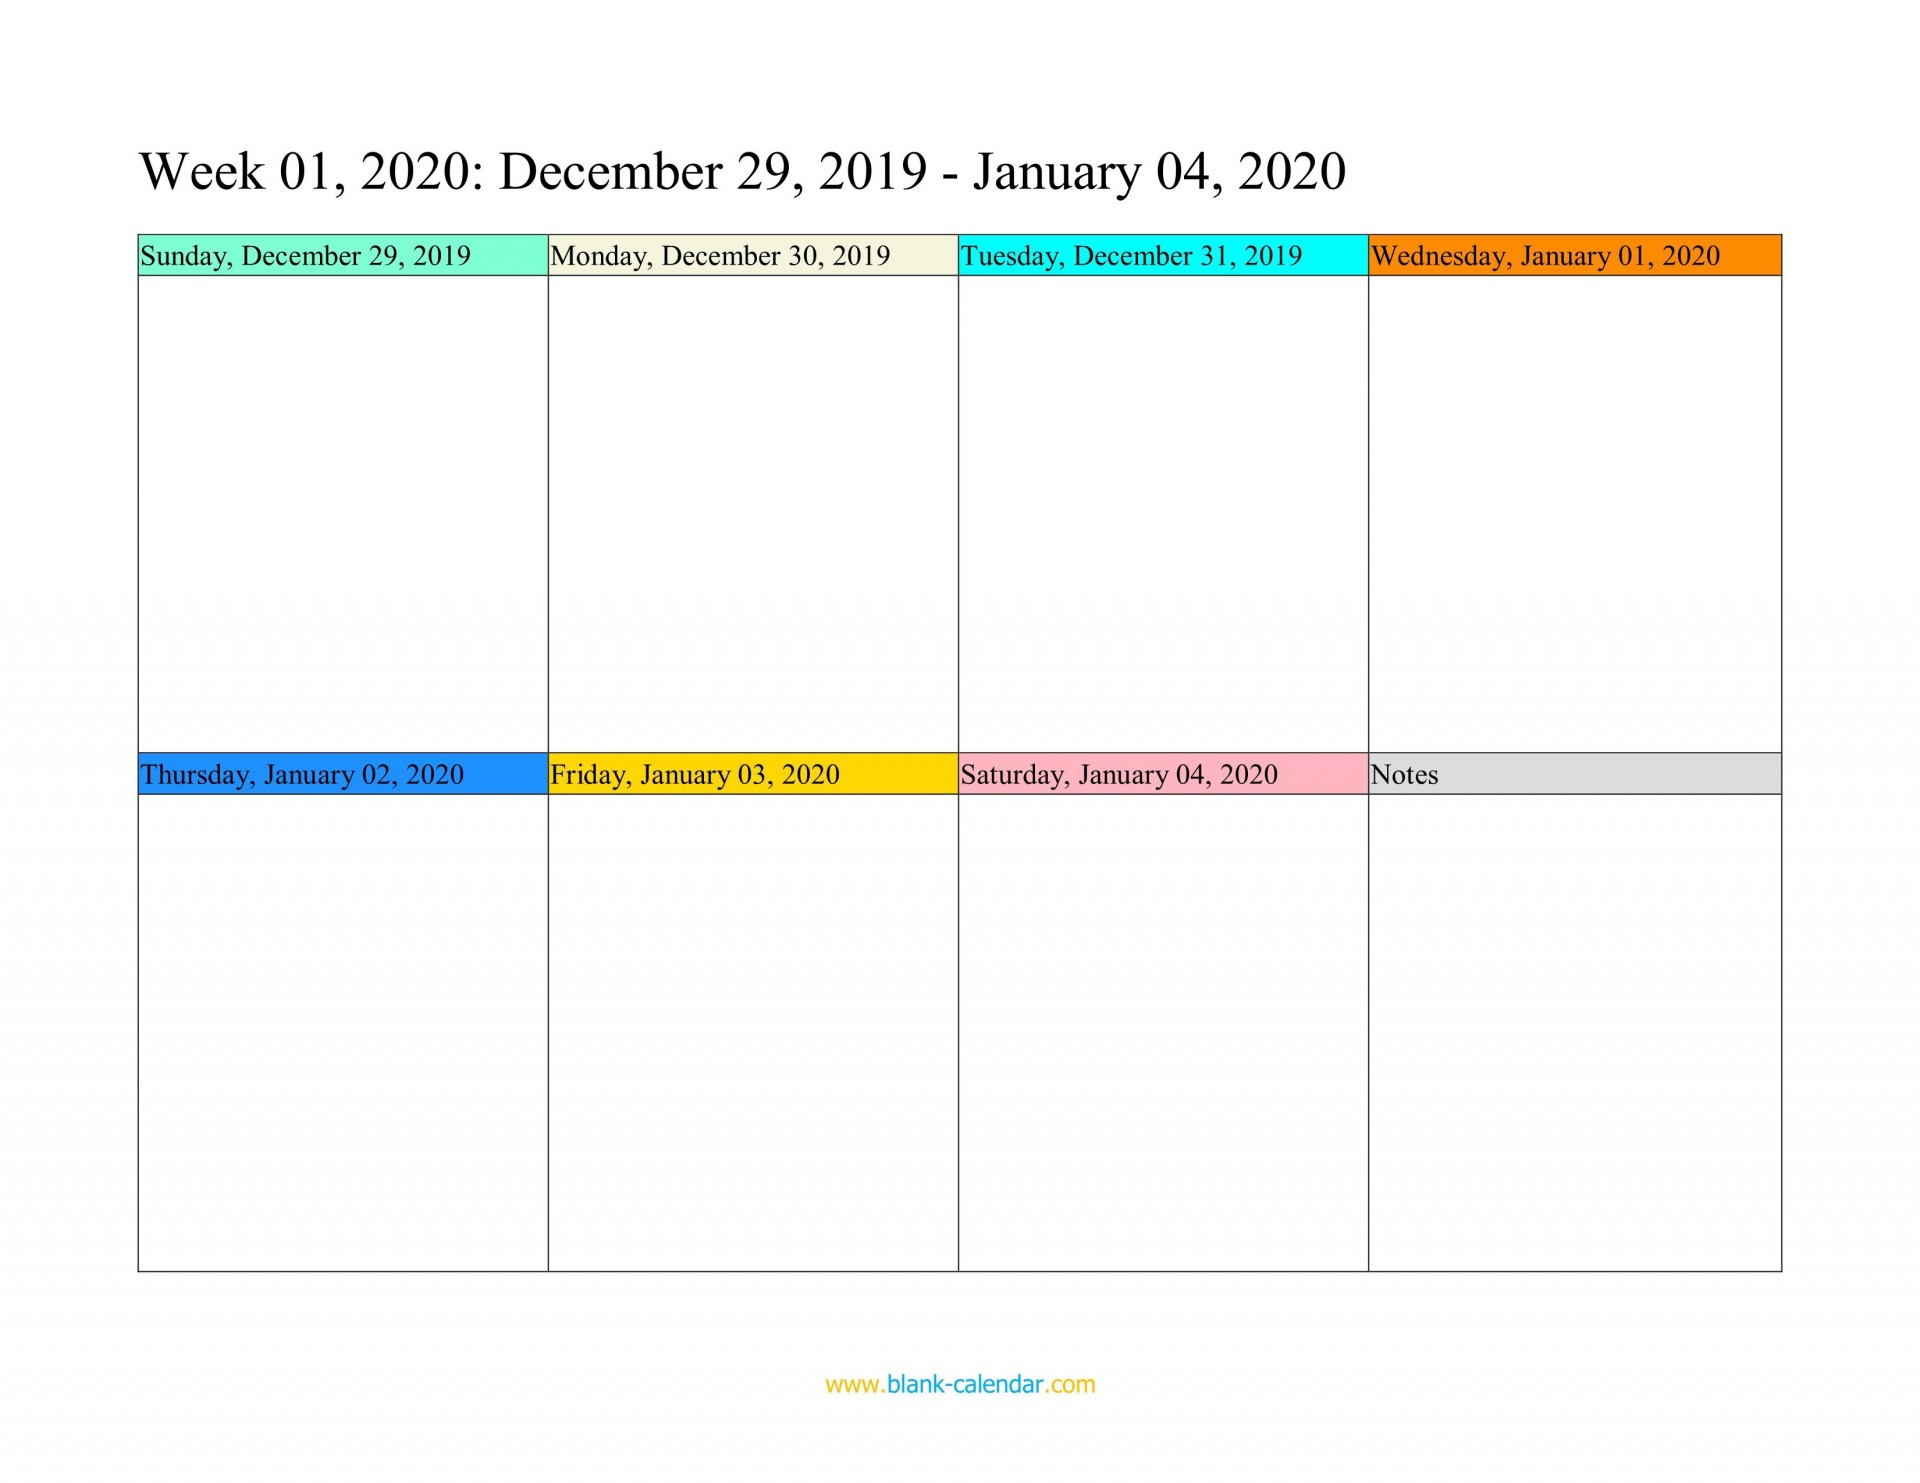 005 Fascinating Weekly Calendar Template 2020 Image  Printable Blank Free1920